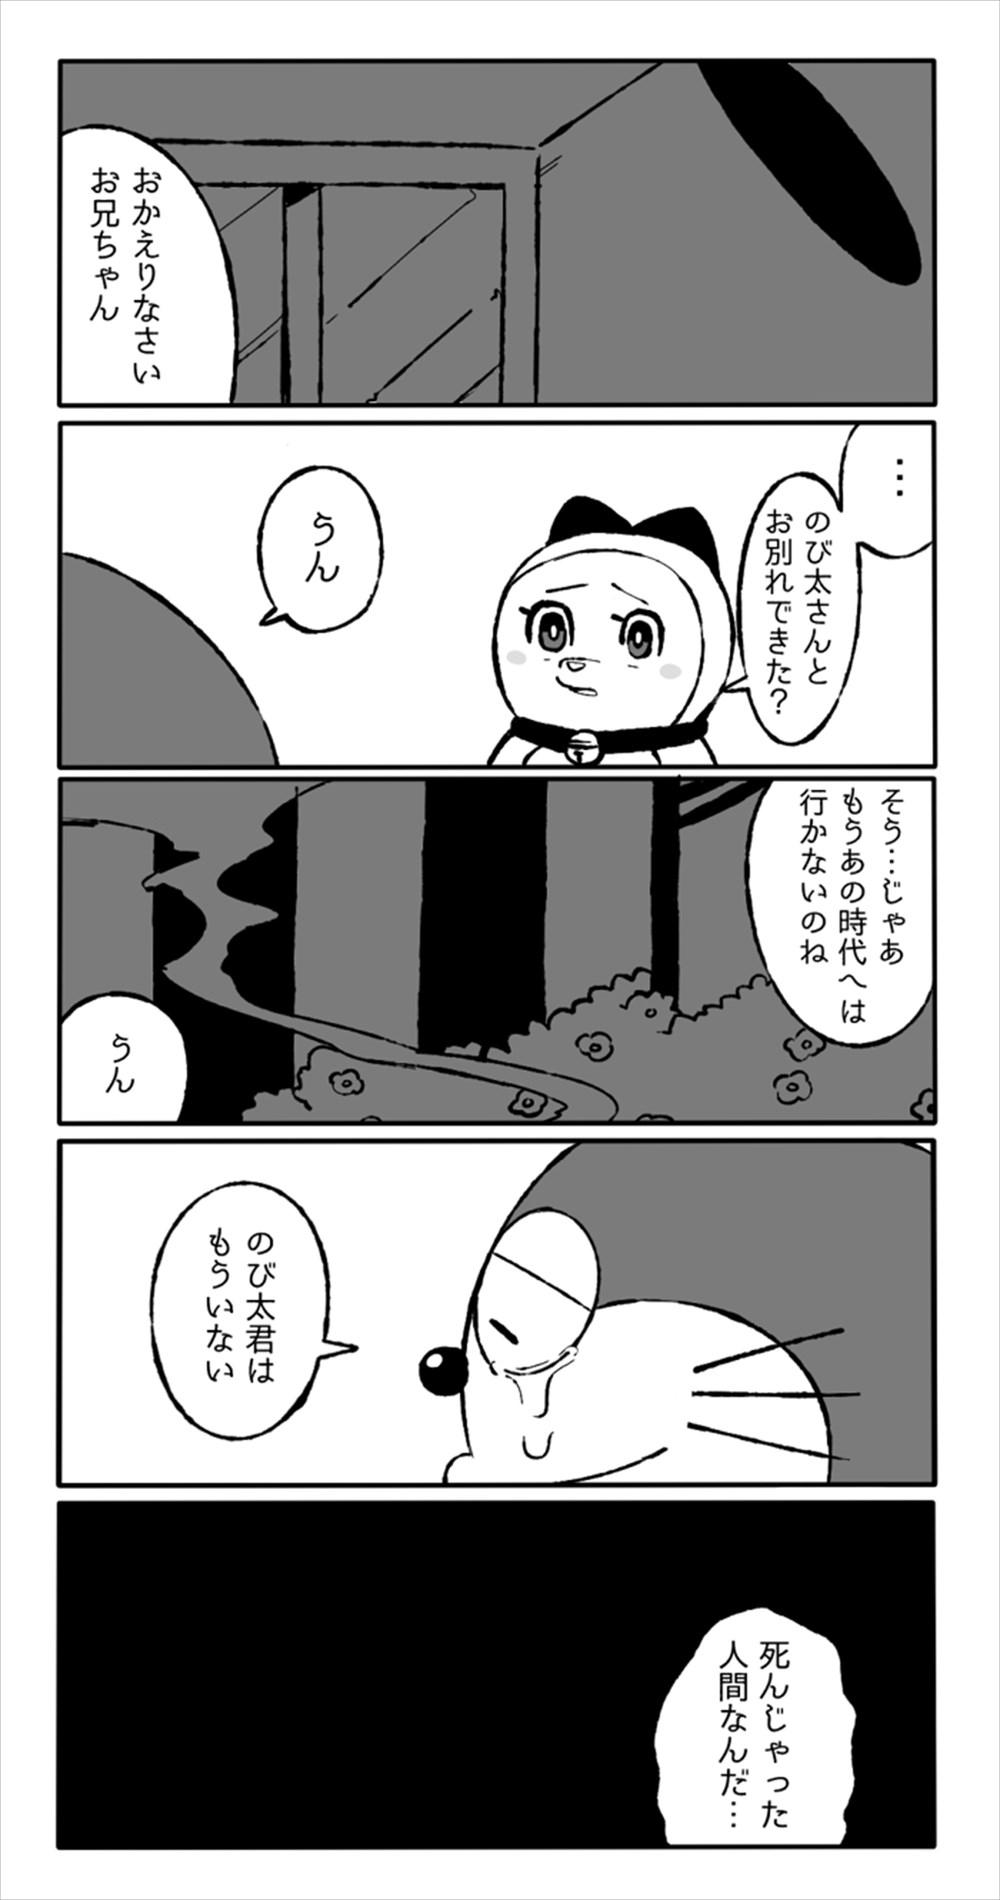 【のび太とドラえもんの友情漫画】 そのロボットと人間のさだめに胸が熱くなる